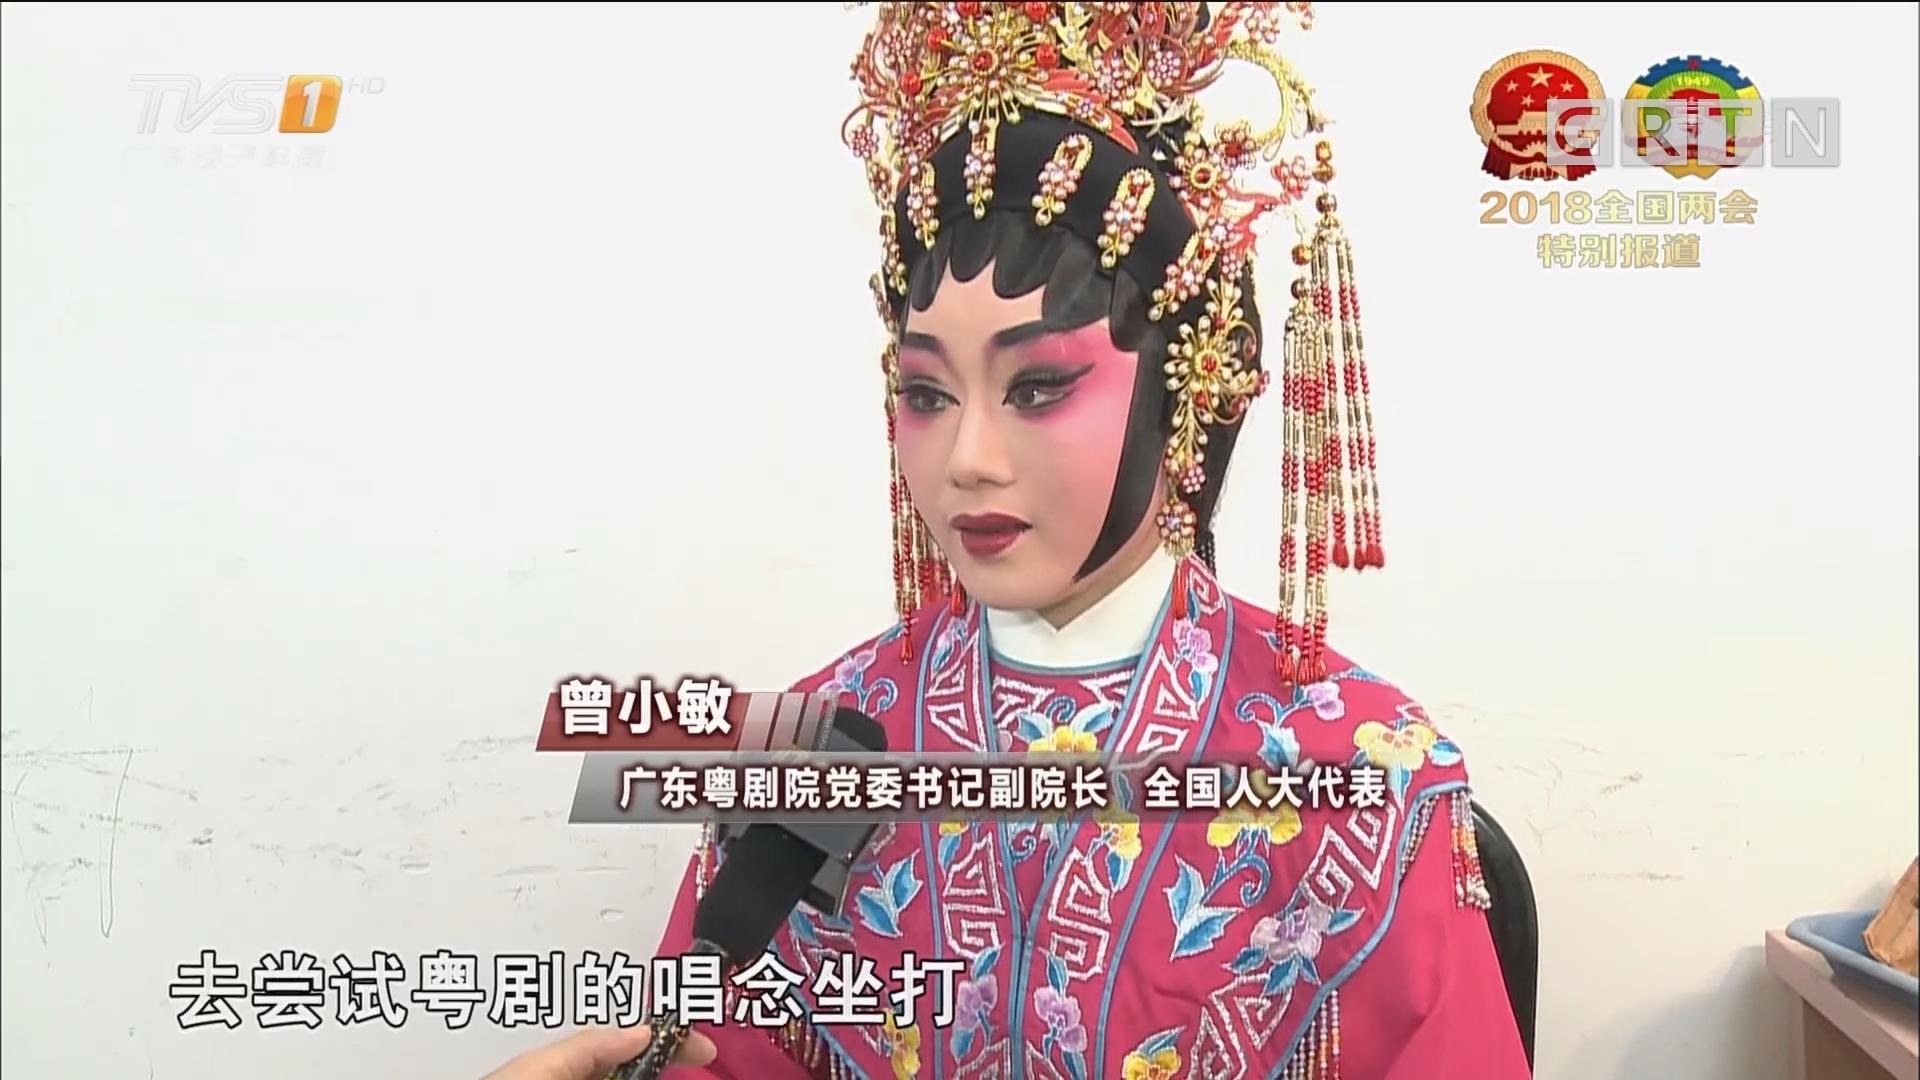 《我是人大代表》曾小敏:传统文化传承的火炬手 让粤剧唱响的更远